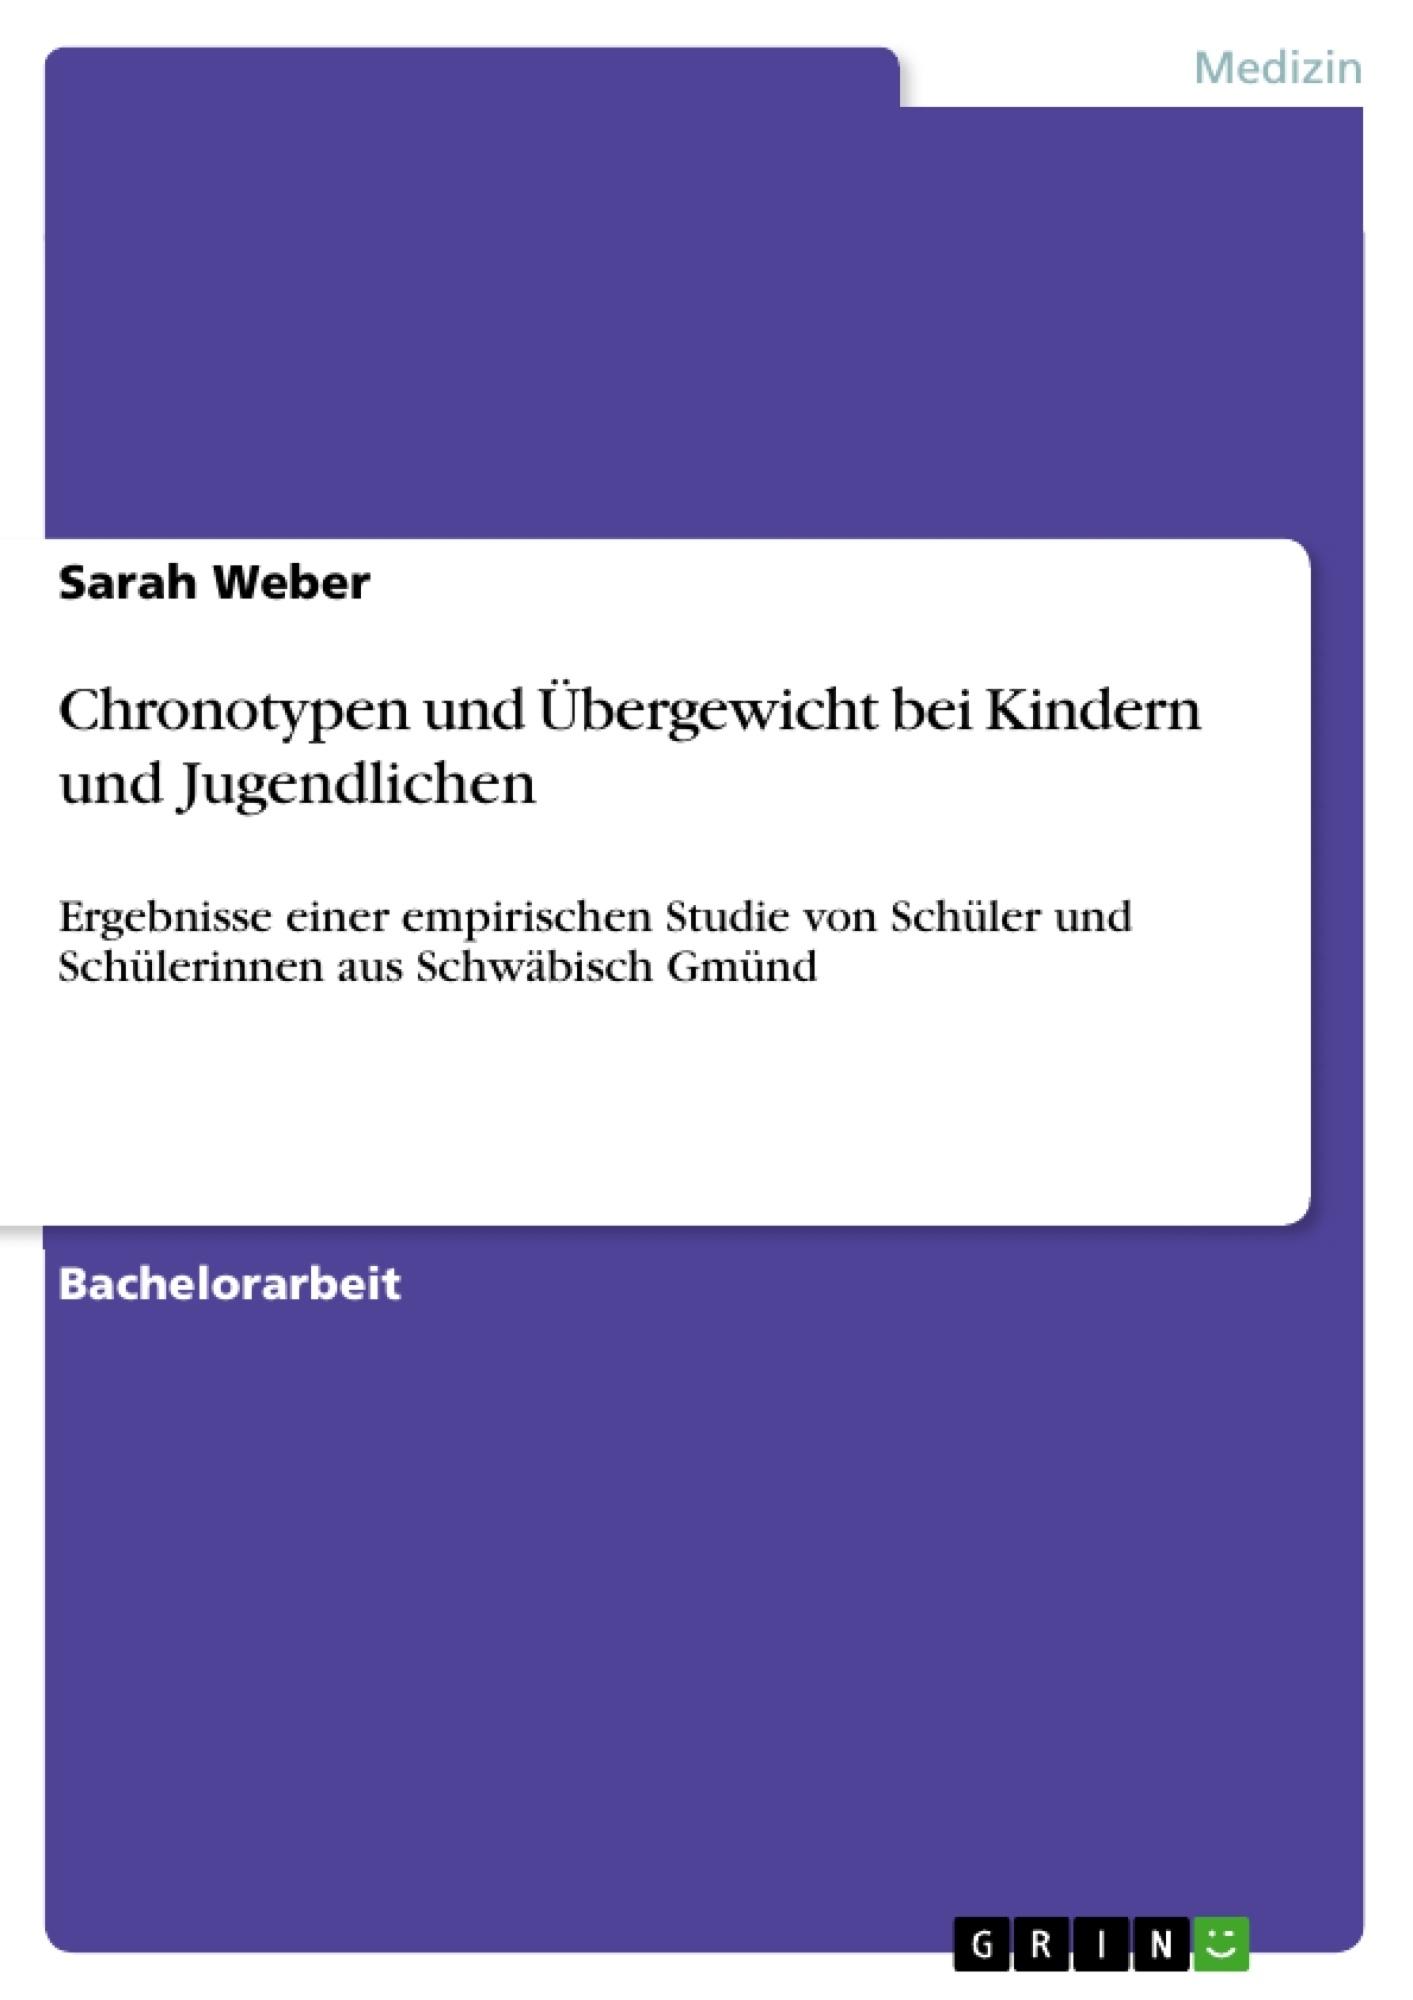 Titel: Chronotypen und Übergewicht bei Kindern und Jugendlichen